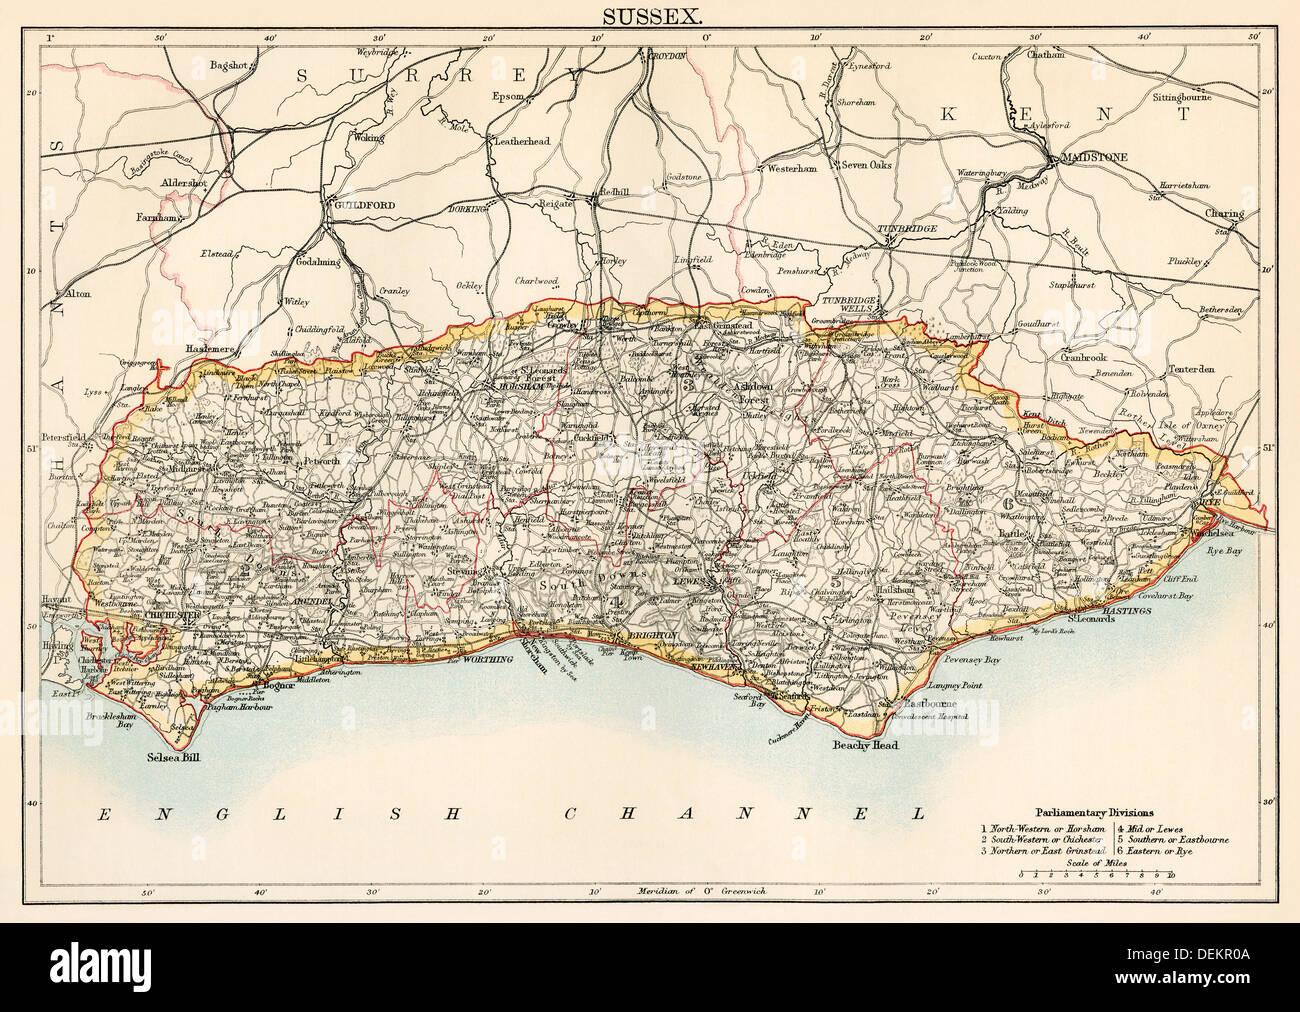 Karte von Sussex, England, 1870. Farblithographie Stockbild